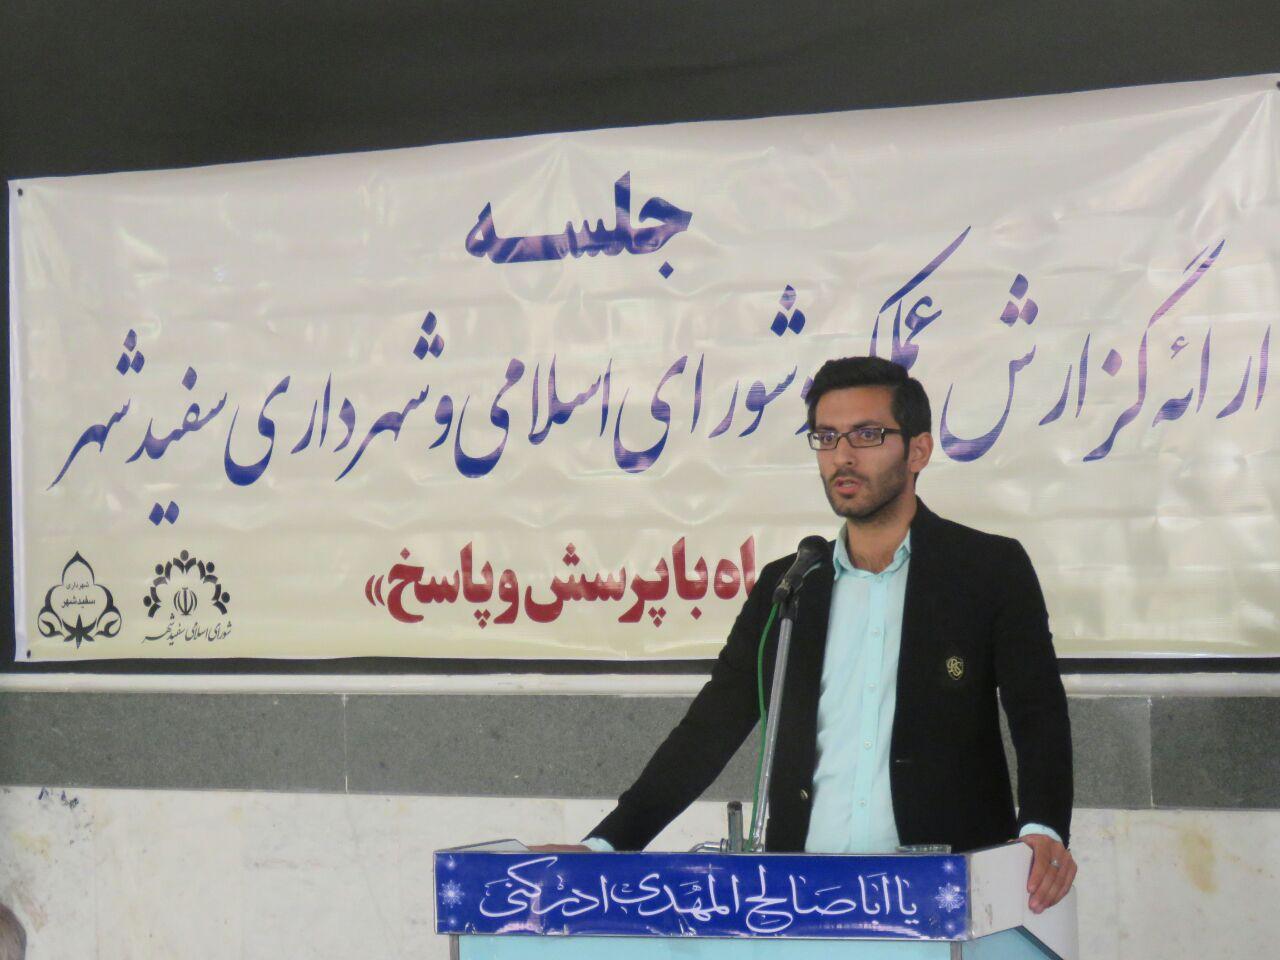 در آستانه 9 اردیبهشت روز ملی شوراها، ارائه گزارش عملکرد شورای اسلامی و شهرداری سفیدشهر